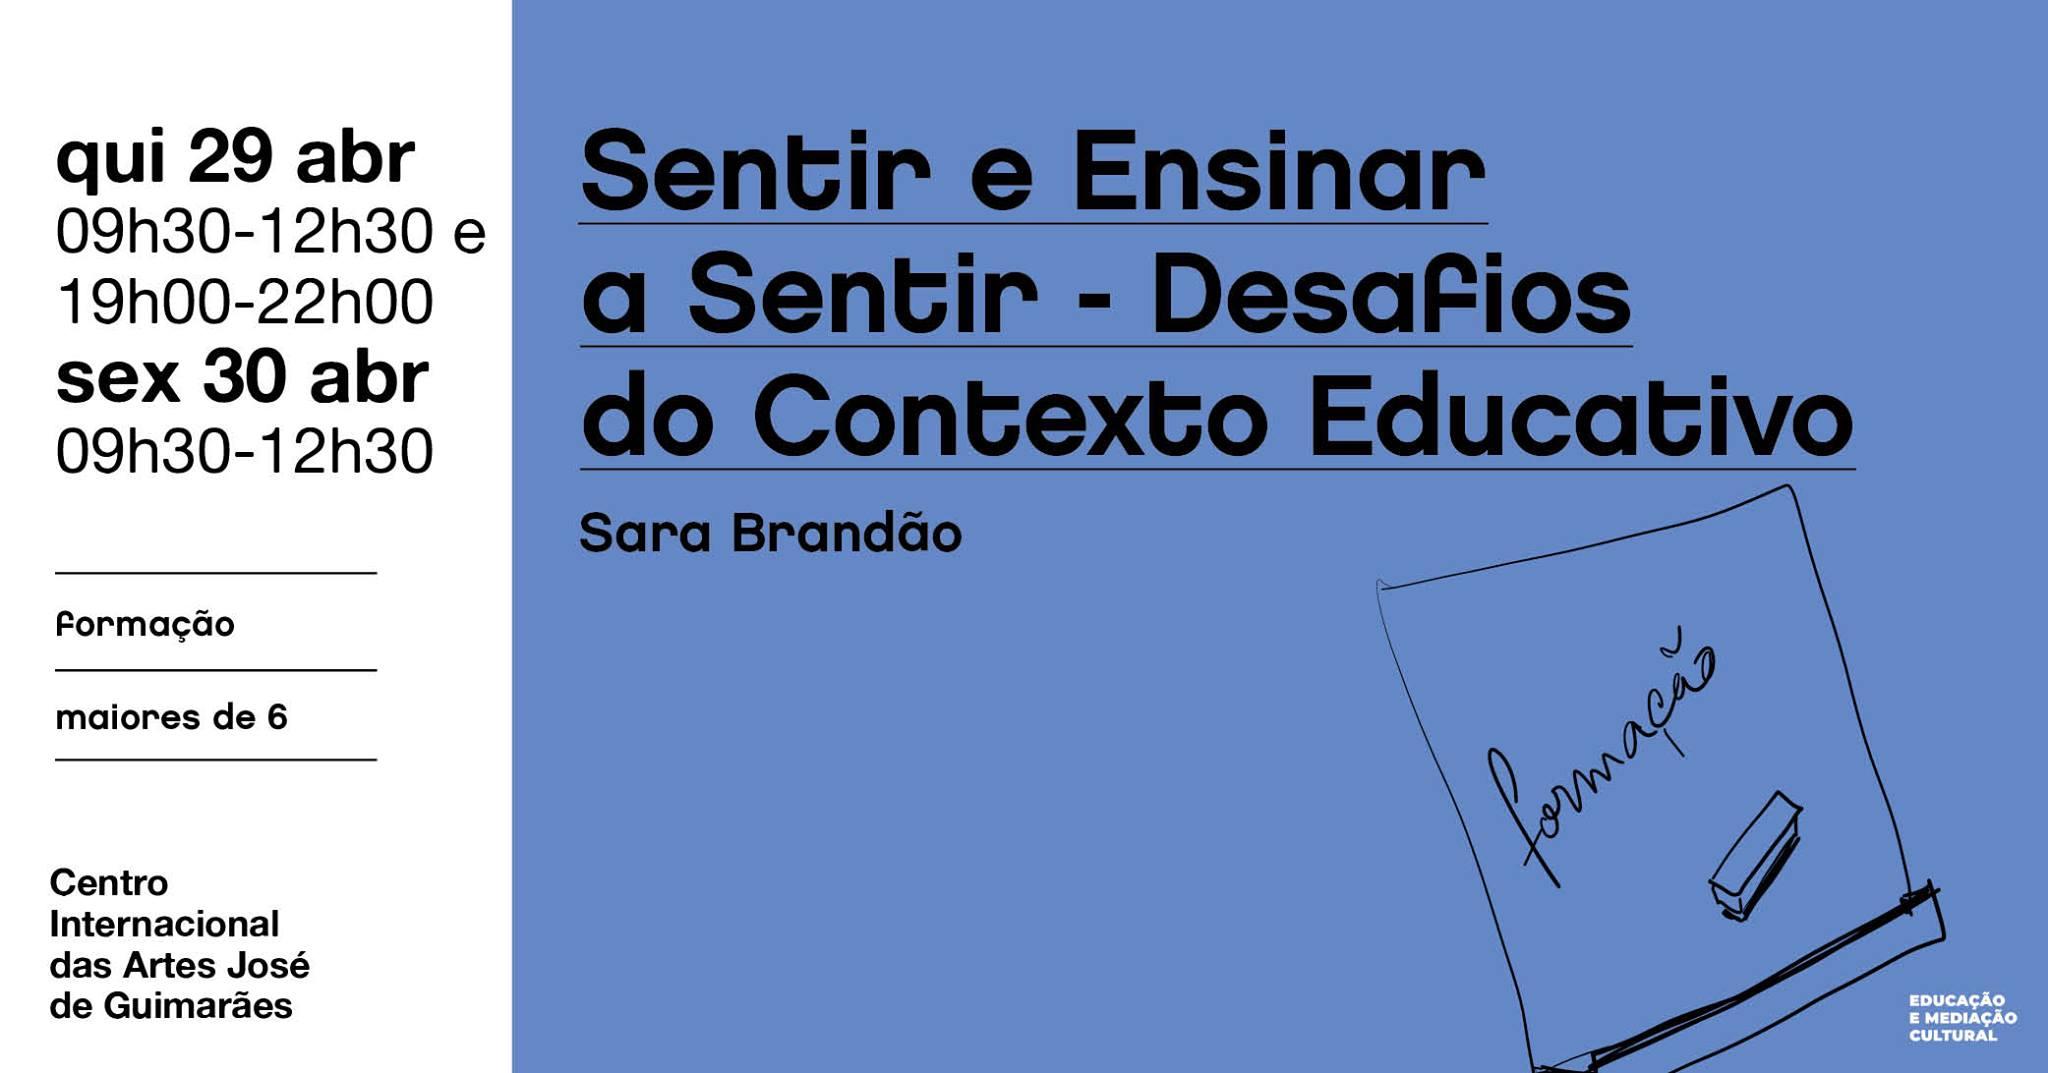 Sentir e Ensinar a Sentir - Desafios do Contexto Educativo